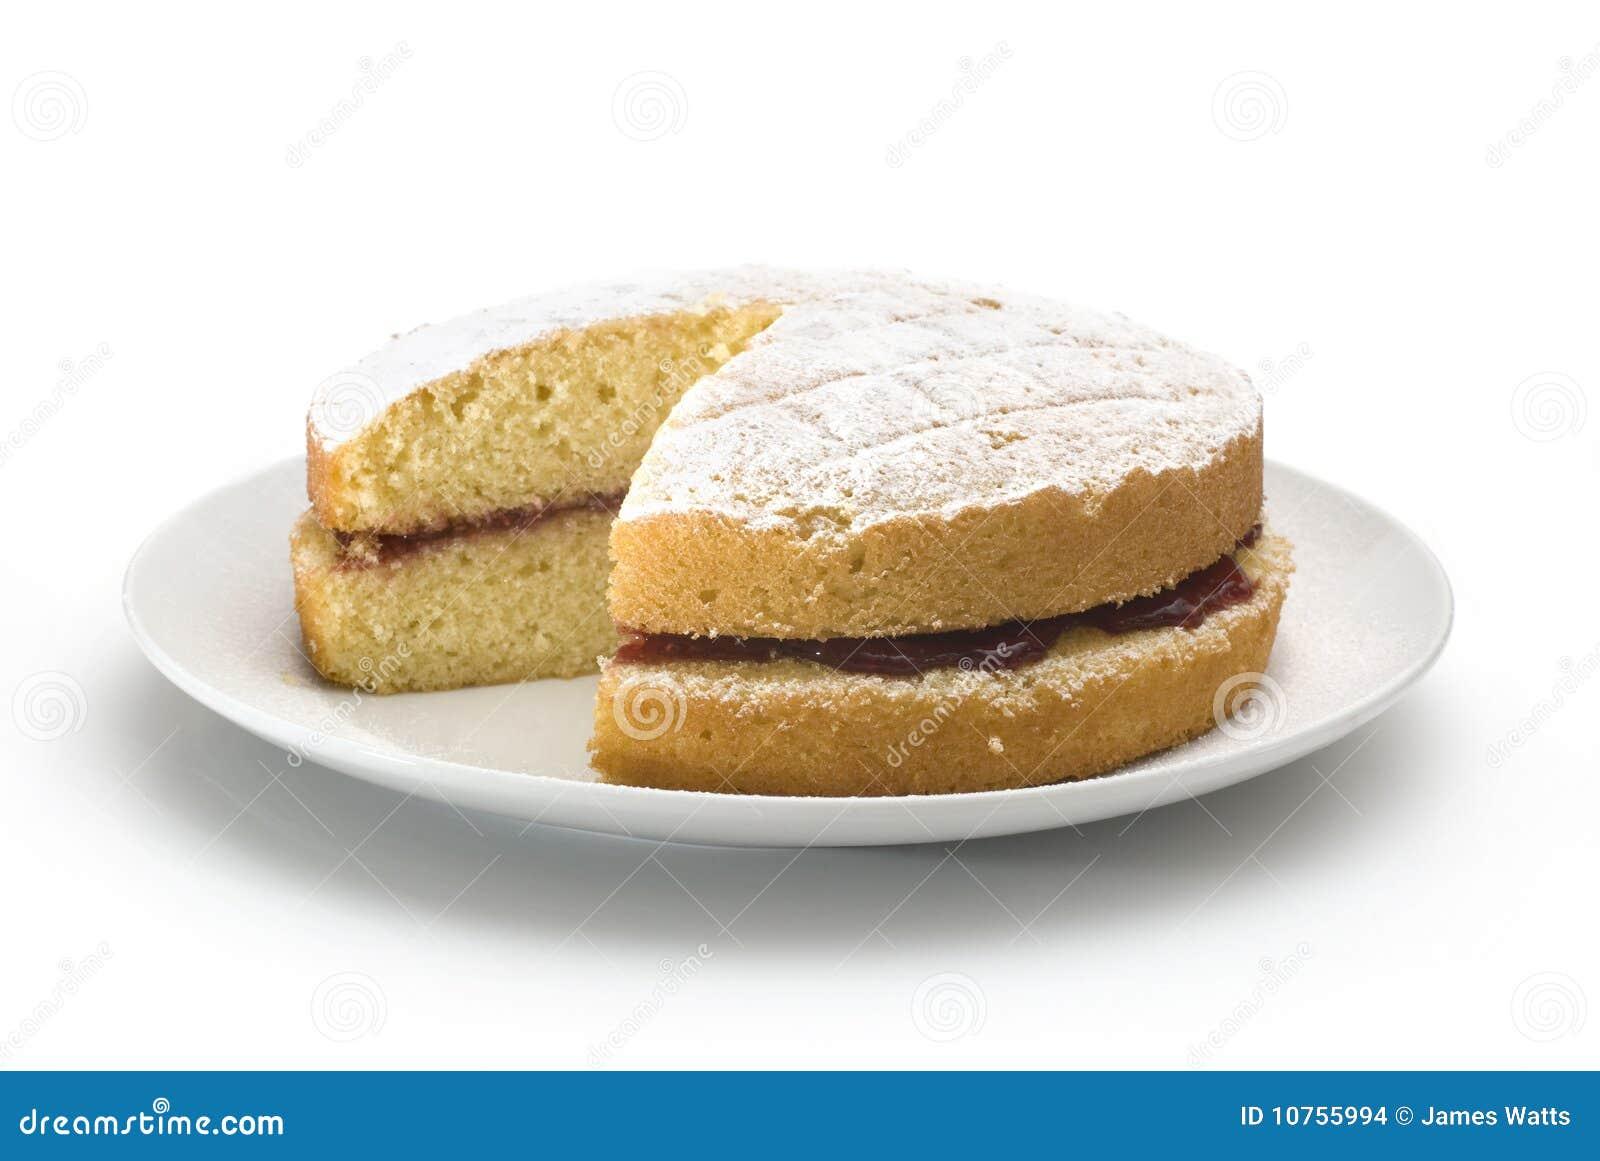 Sponge Cake Muffins